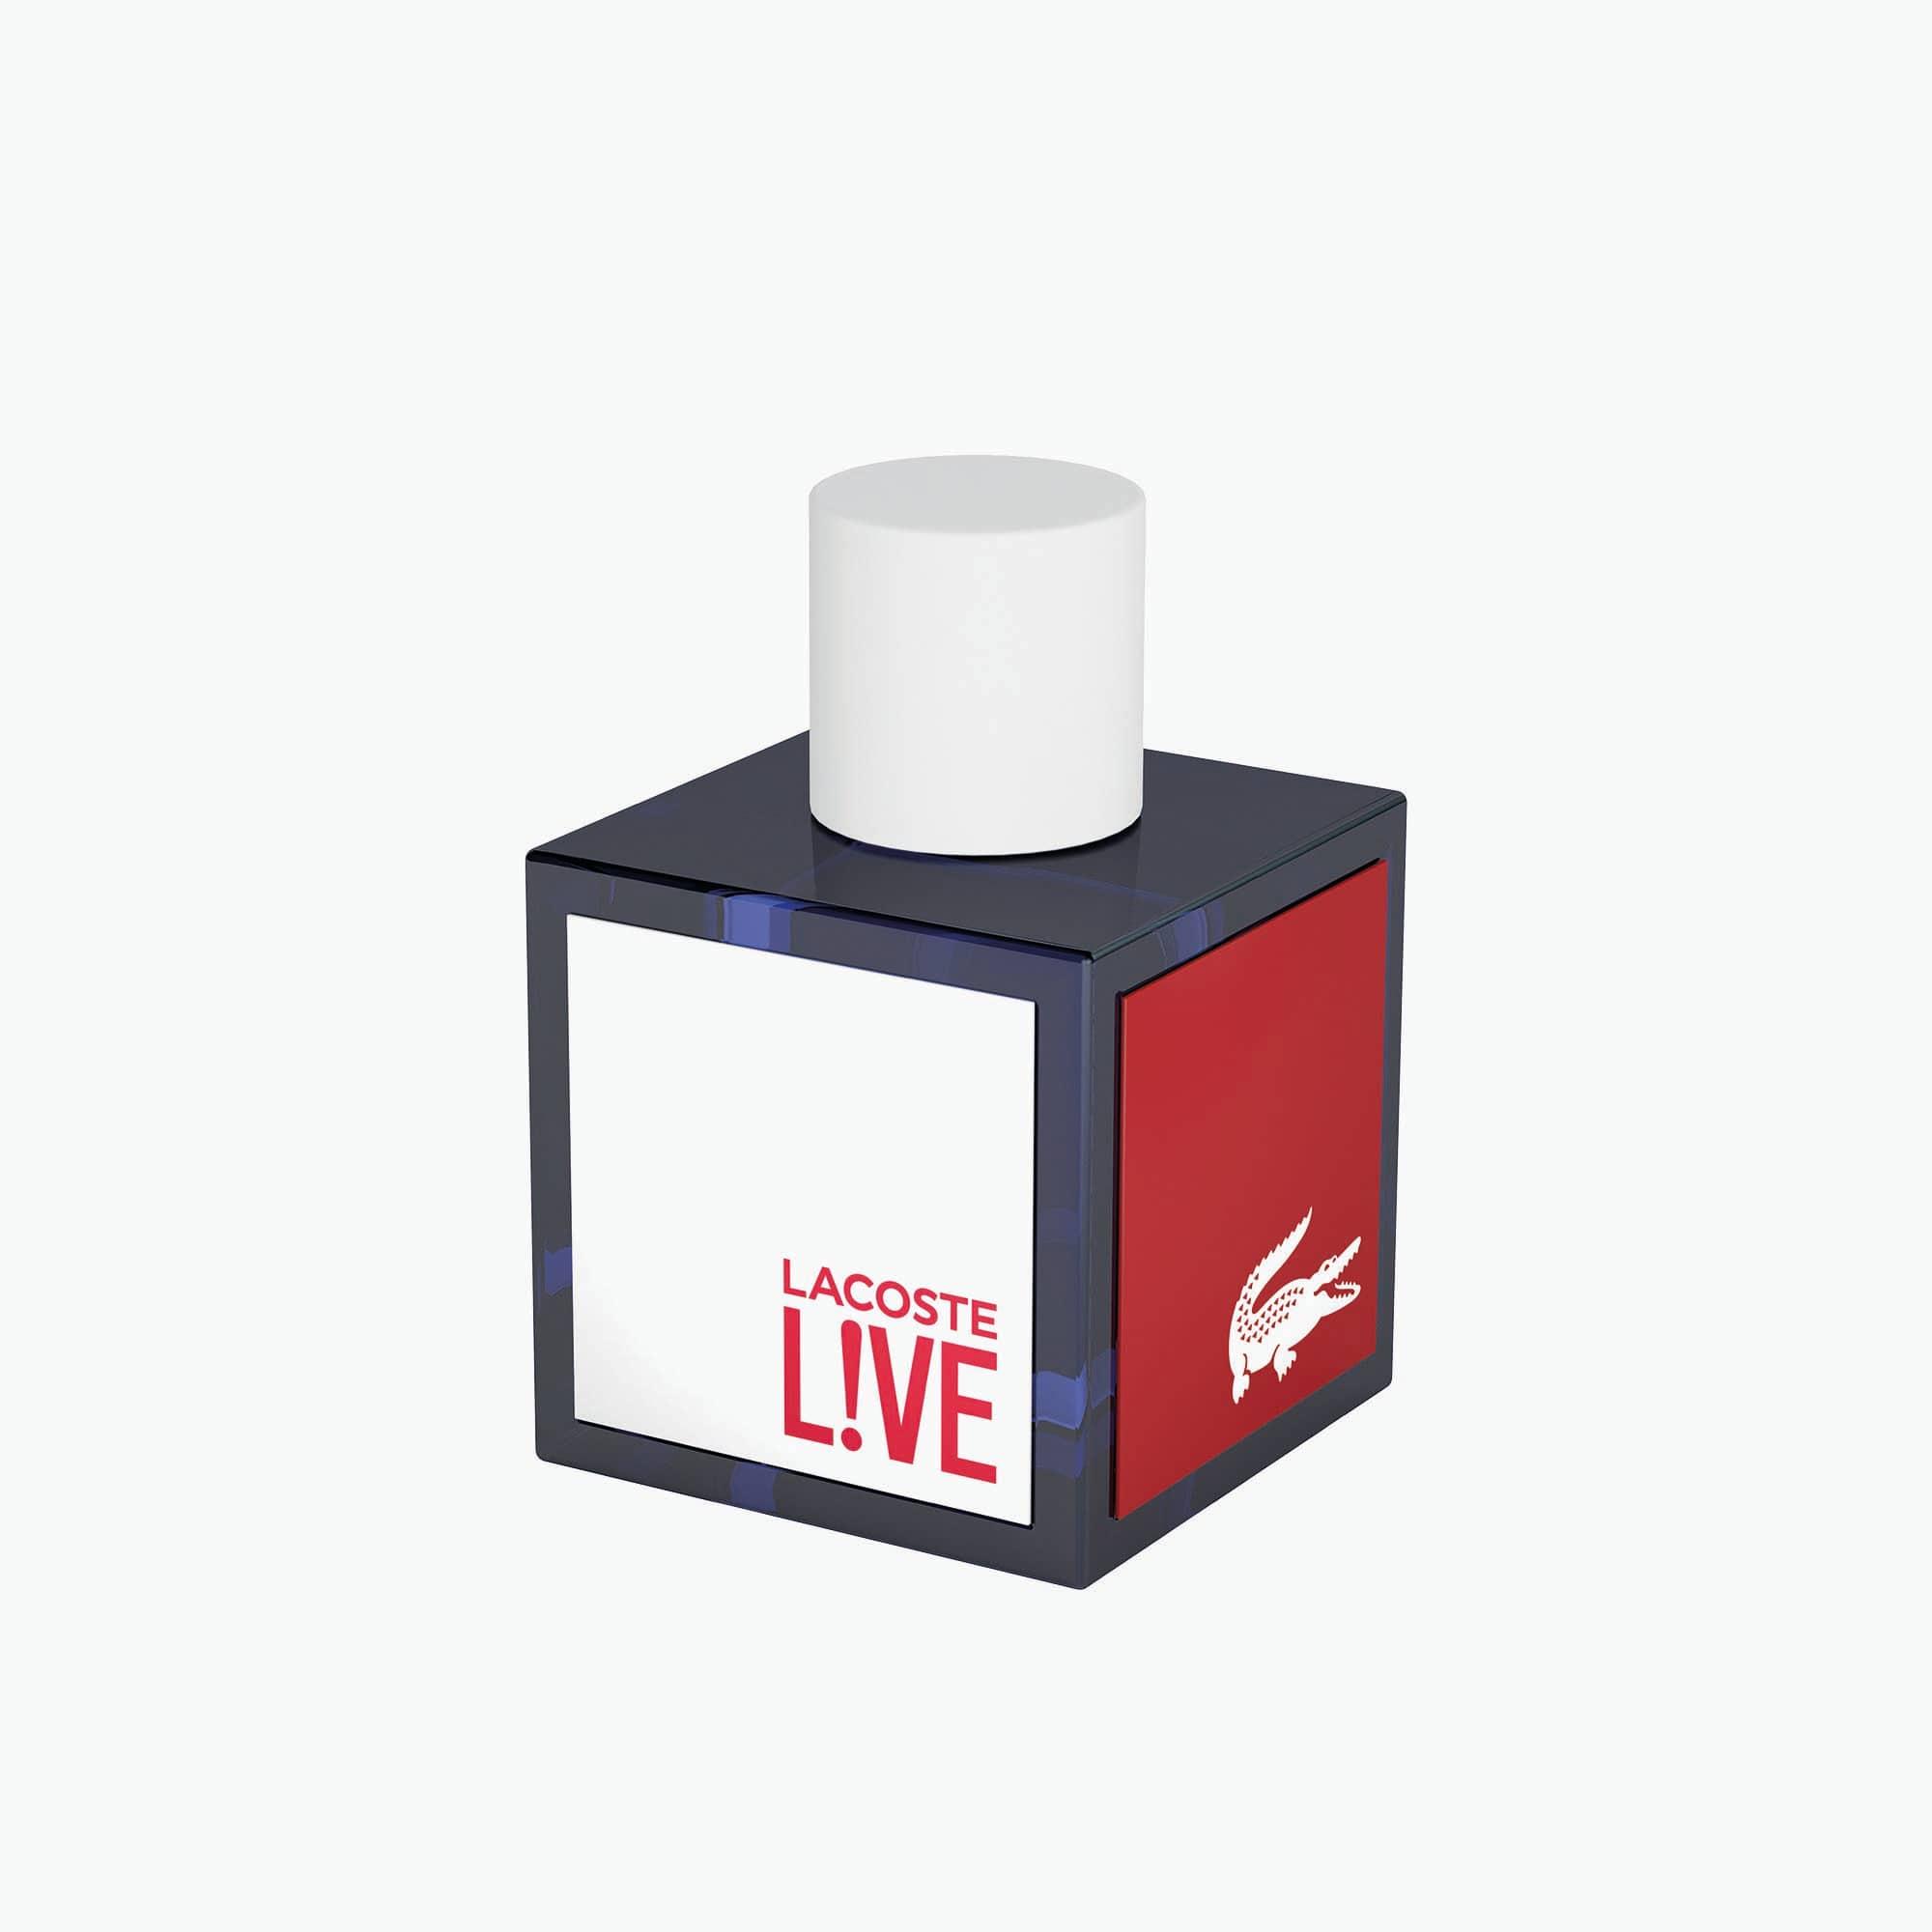 Lacoste Live Eau de Toilette 60ml